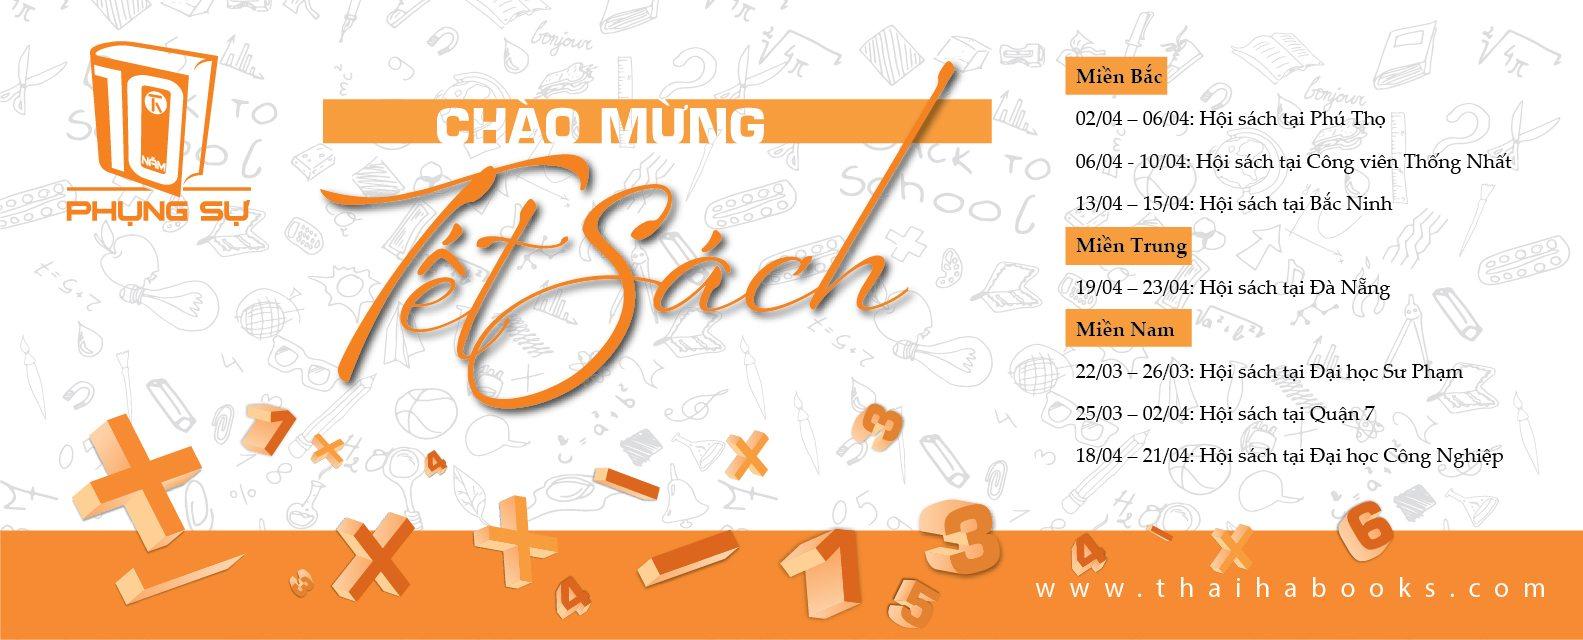 banner_hoi-sach-2-mien_tong-02